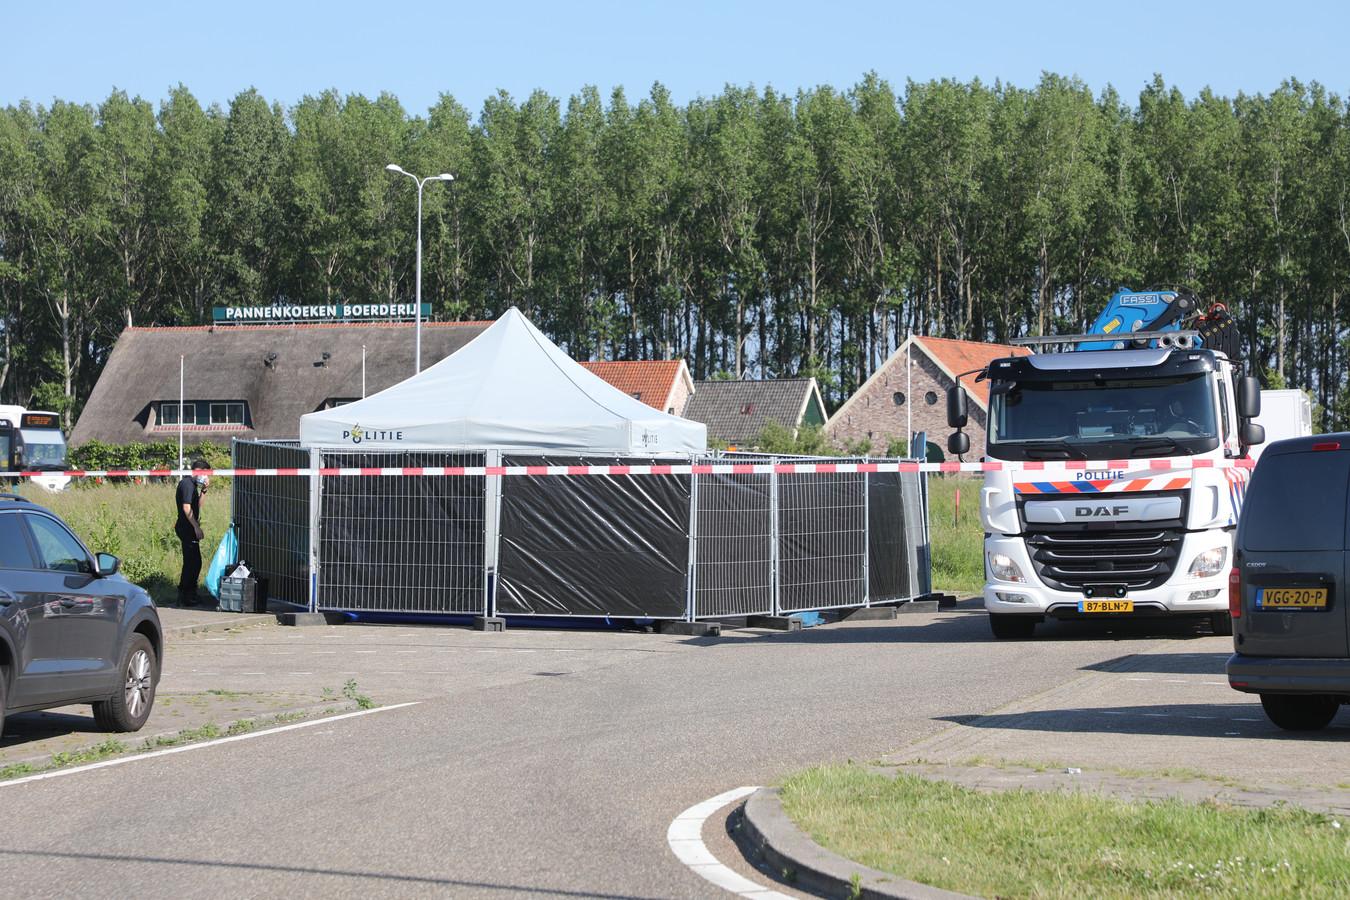 De plek is afgezet met zwarte schermen en over de auto is een politie-tent geplaatst.